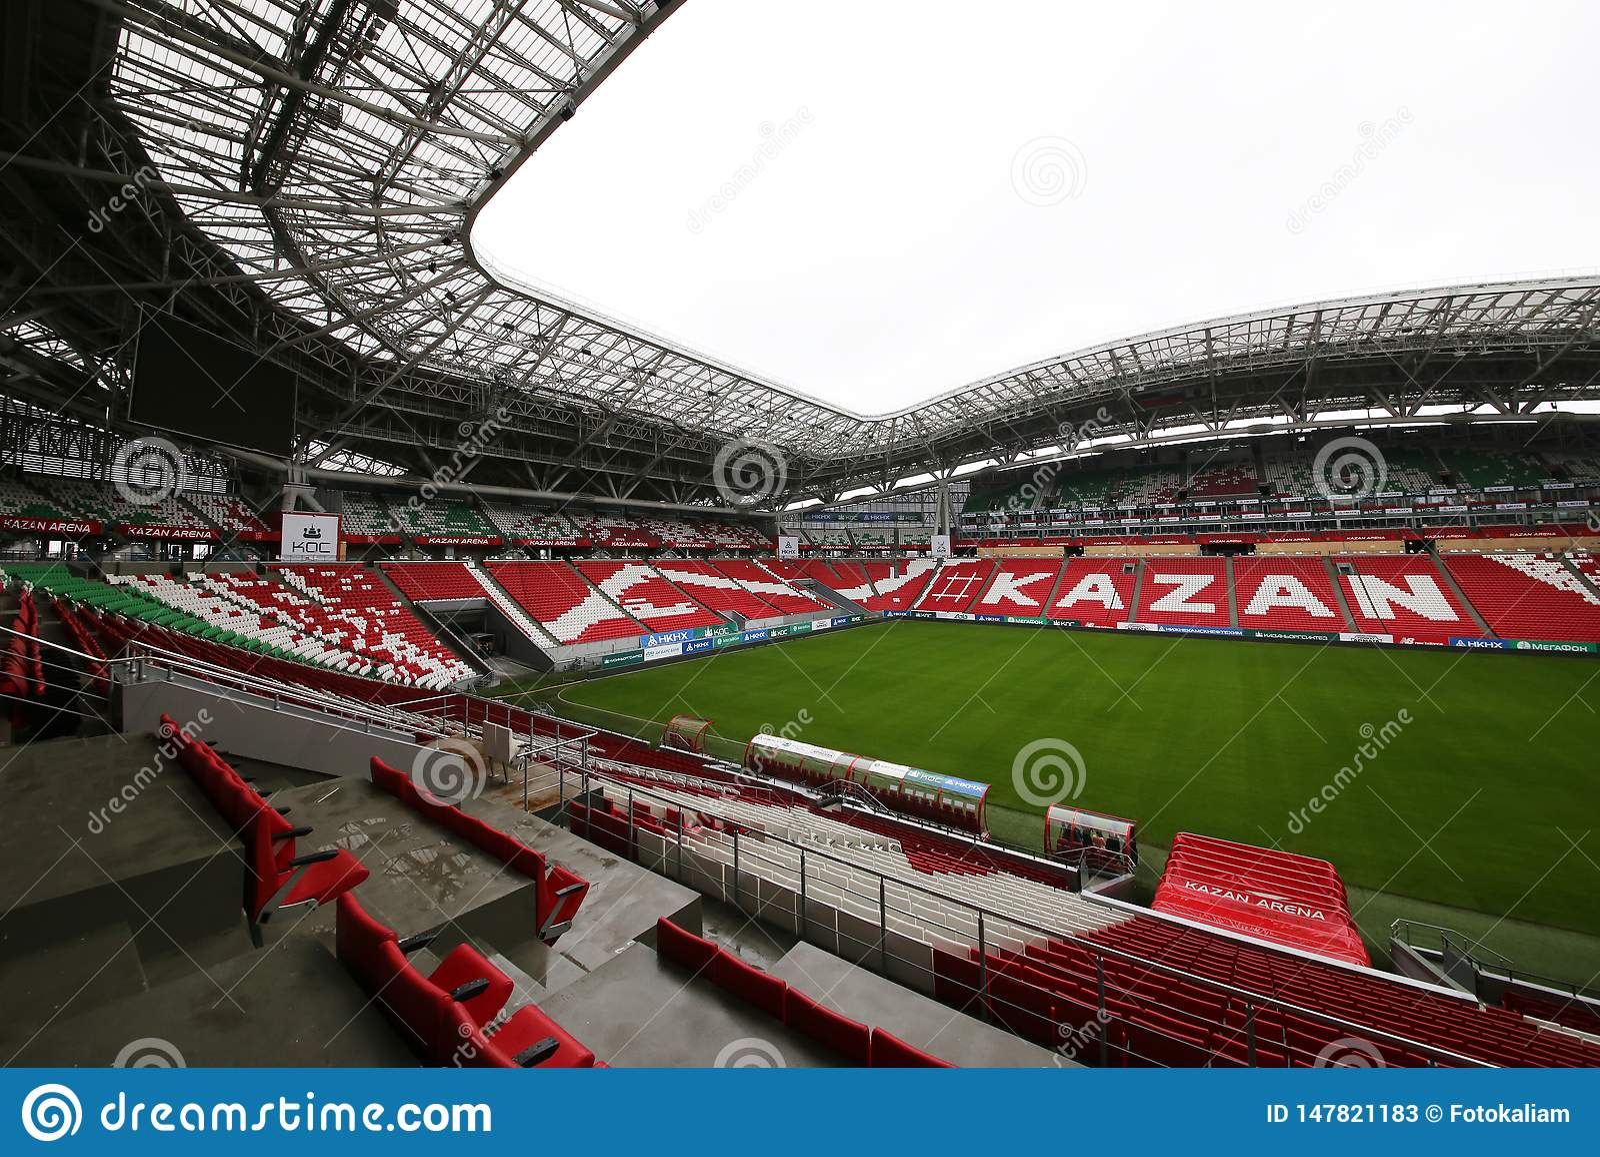 体育场喀山体育场,将是2018年世界杯的举行的足球赛